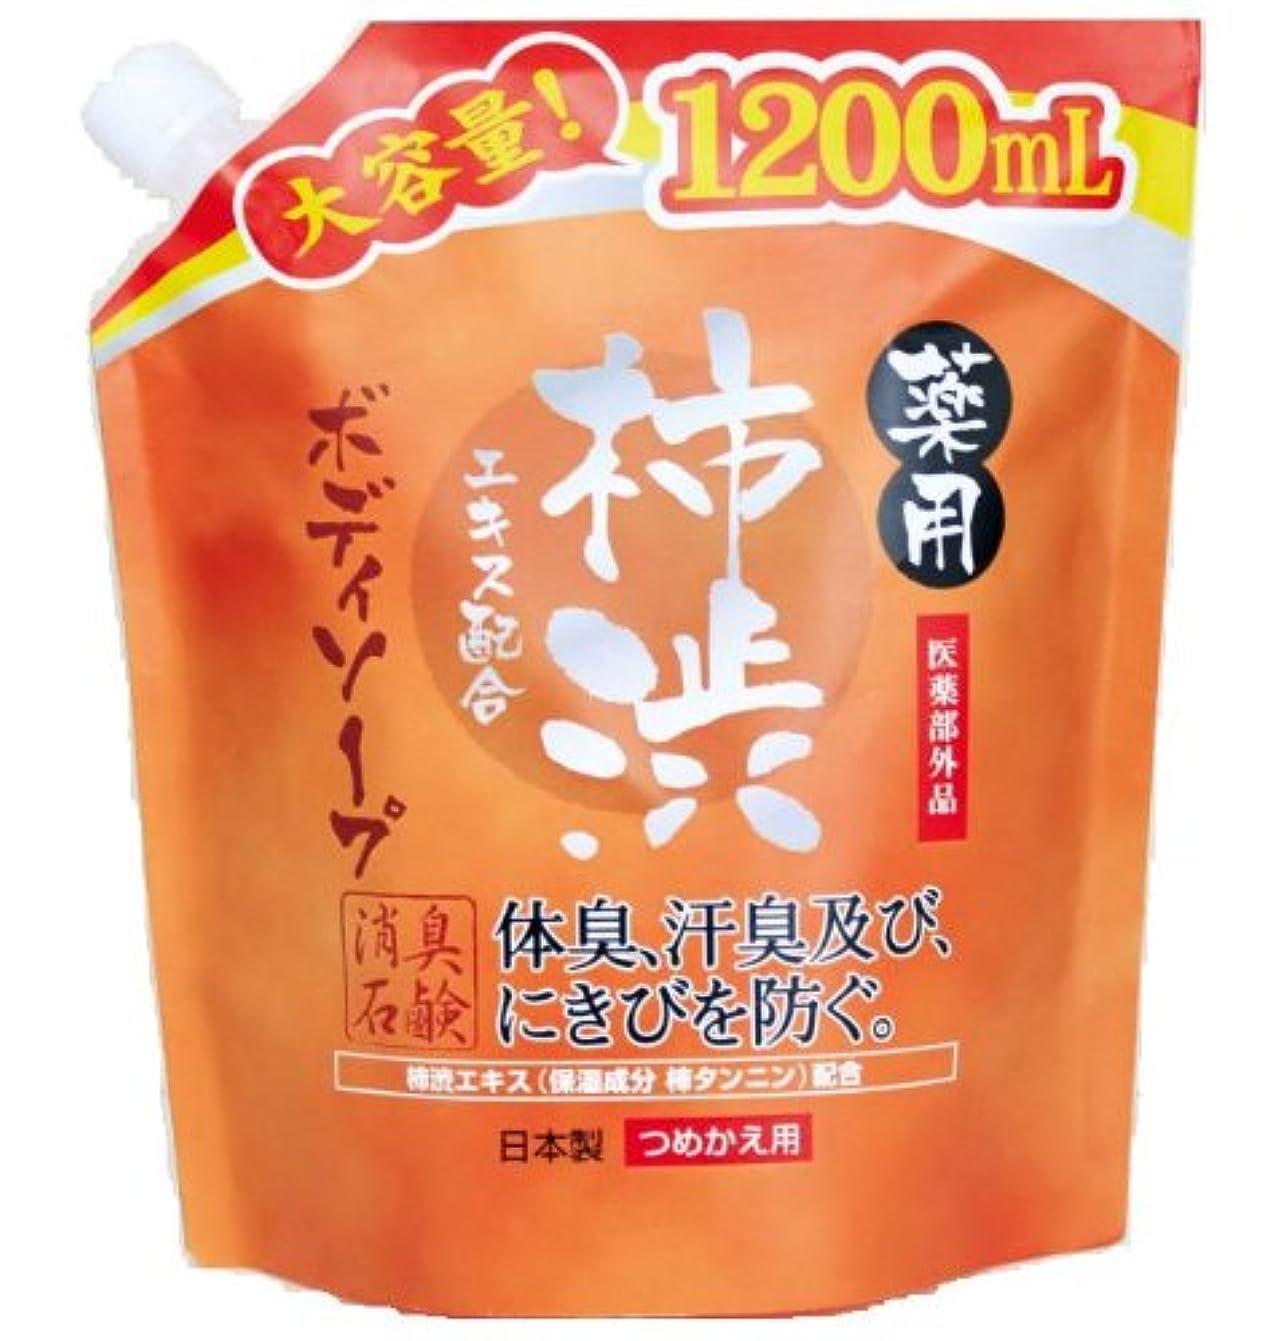 メモ援助道徳の薬用柿渋 ボディソープ 大容量 (つめかえ用) 1200mL 【医薬部外品】